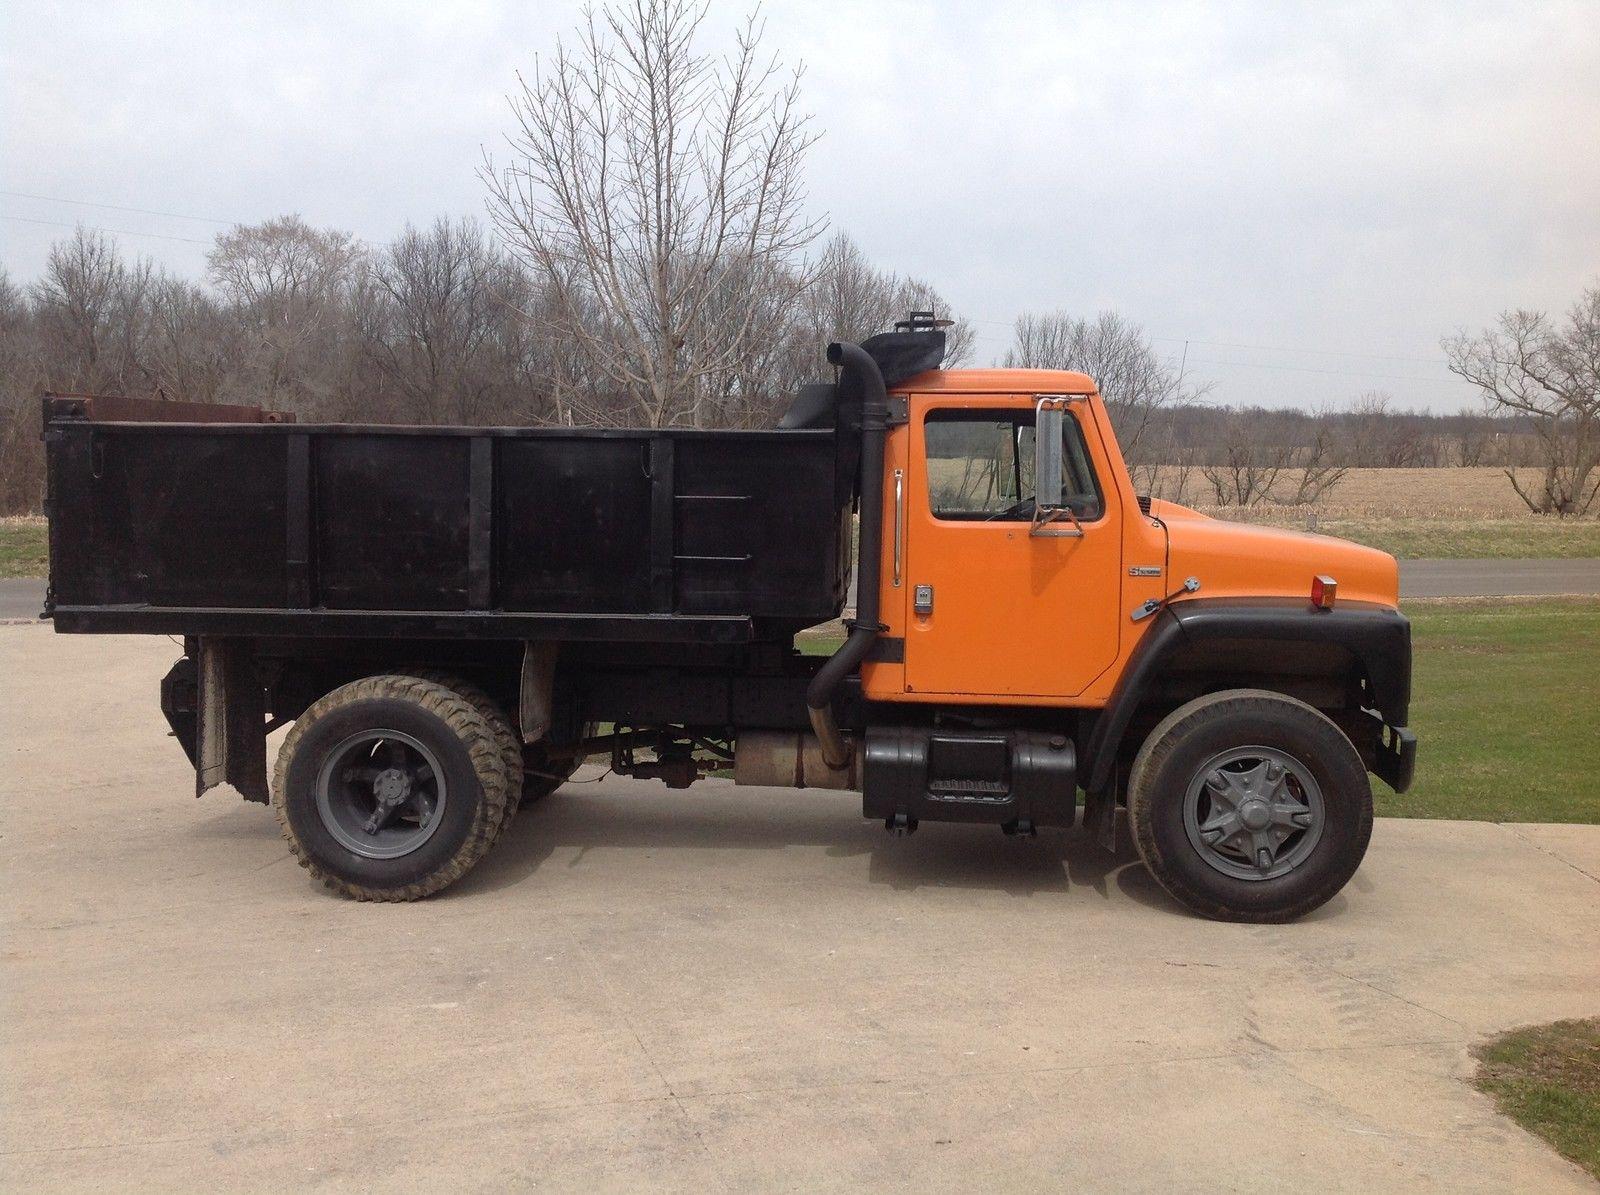 1984 International Dump Truck Model 1954 S Series Ebay Ford